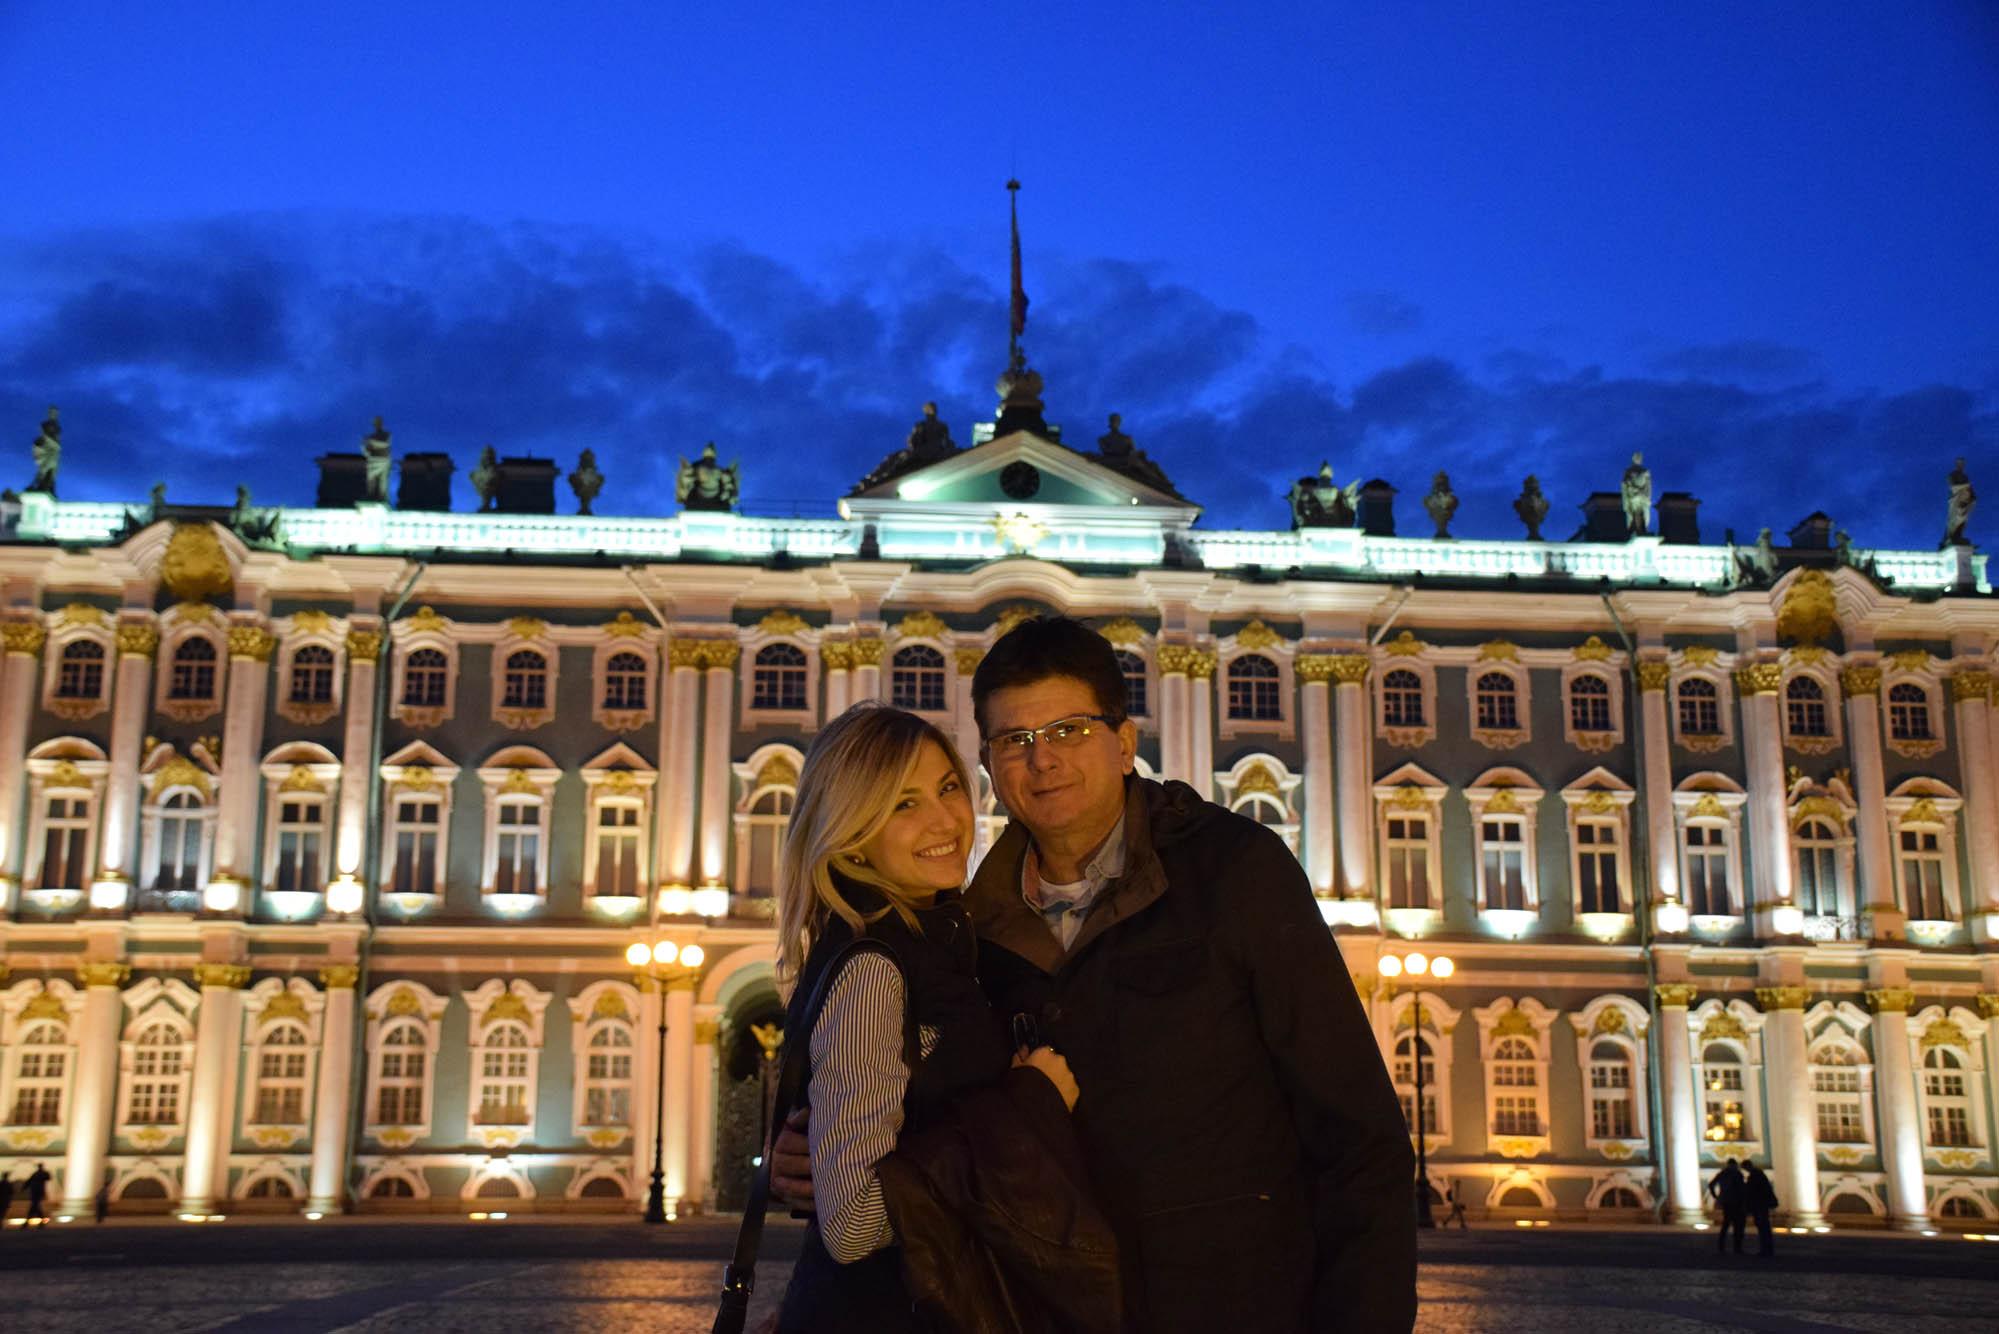 dicas de são petersburgo - rússia - palacio de inverno